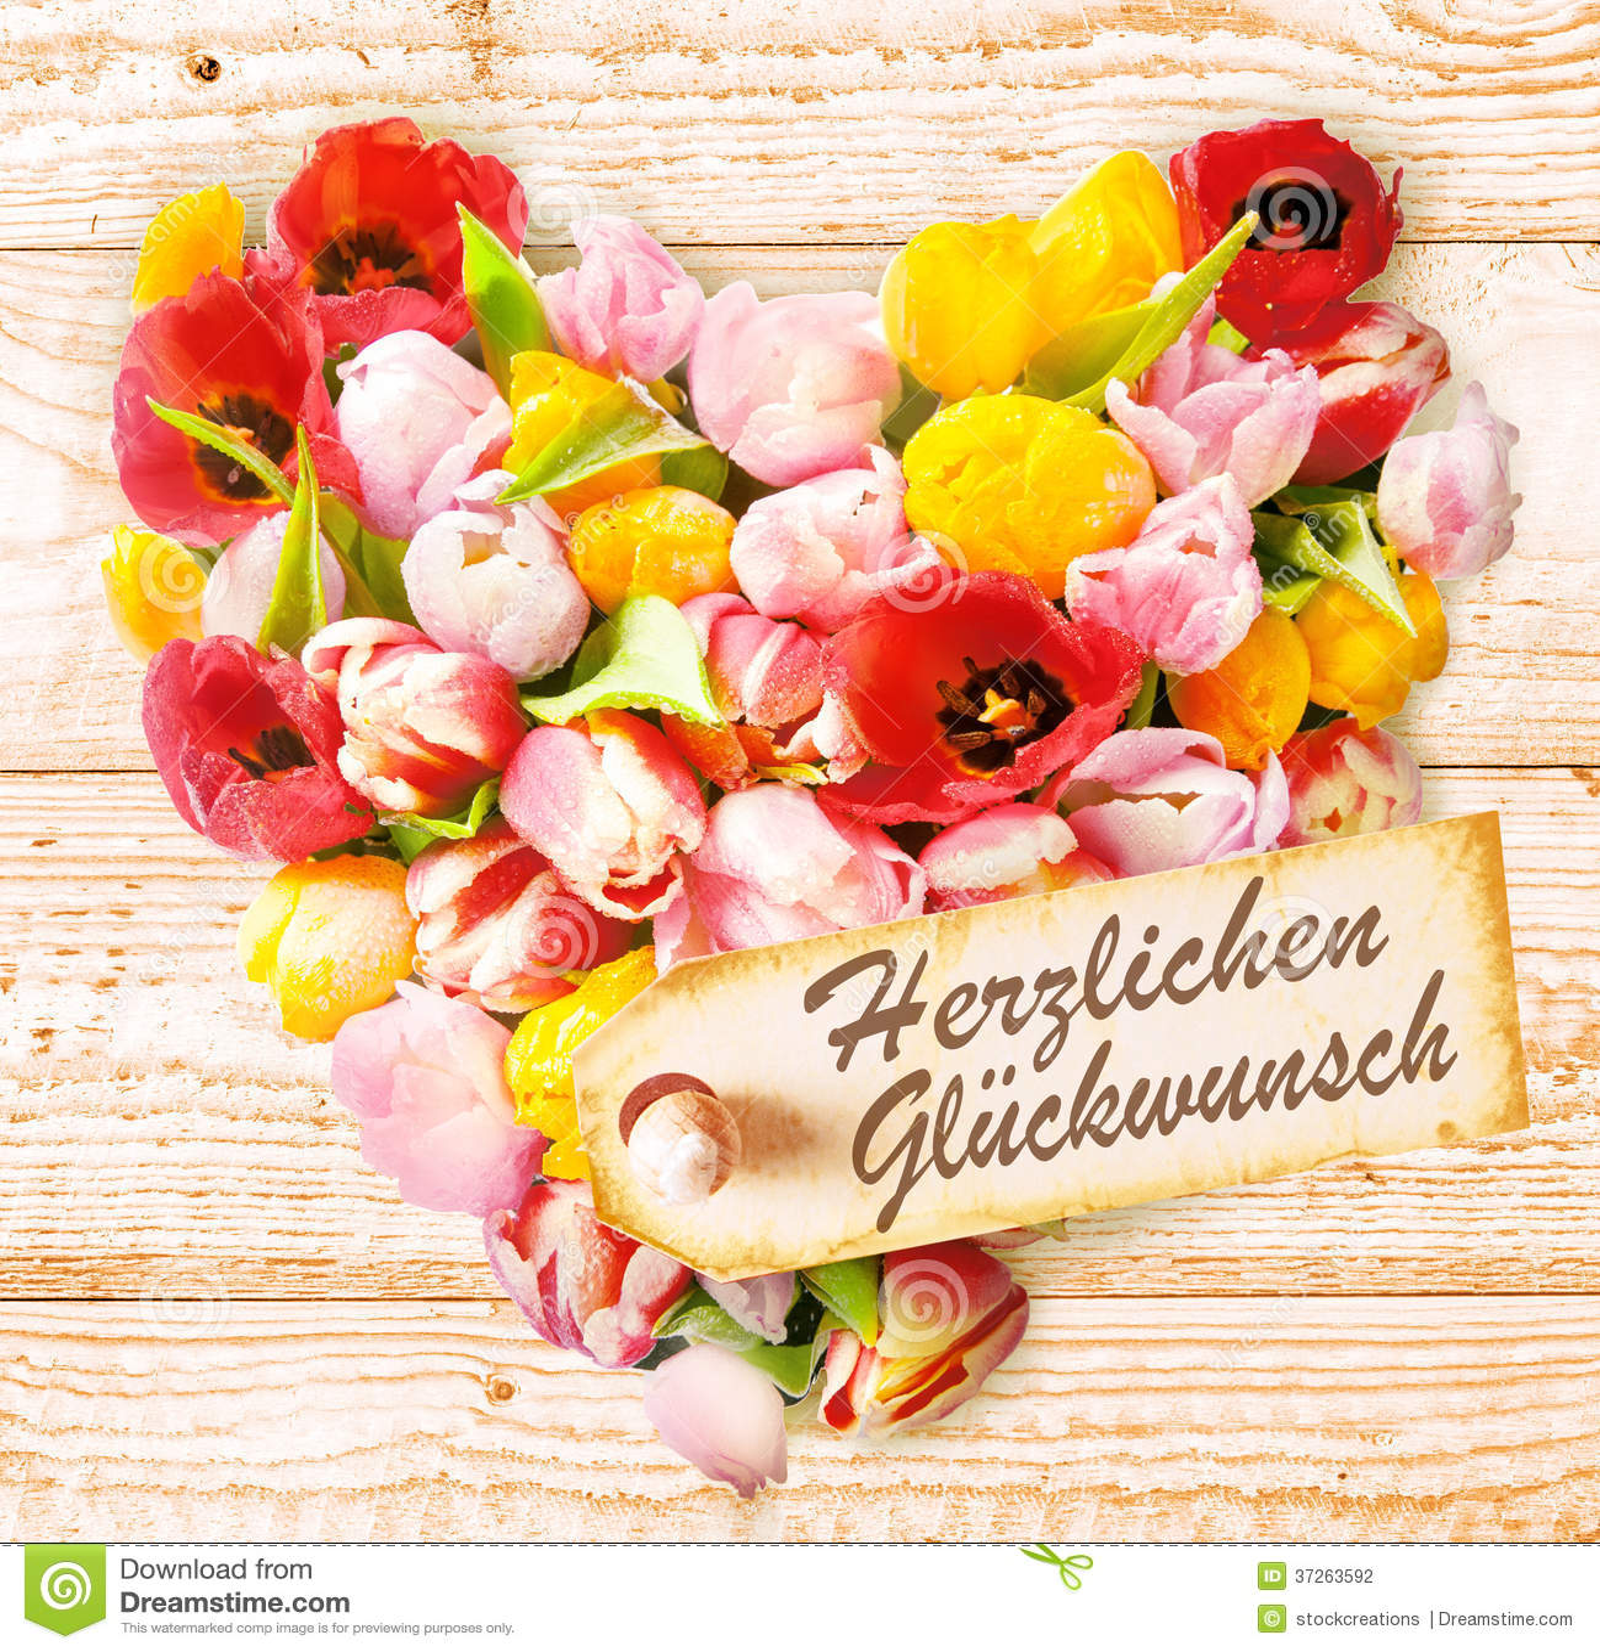 Duitse Verjaardagswensen Op Een Kleurrijk Bloemenhart Stock